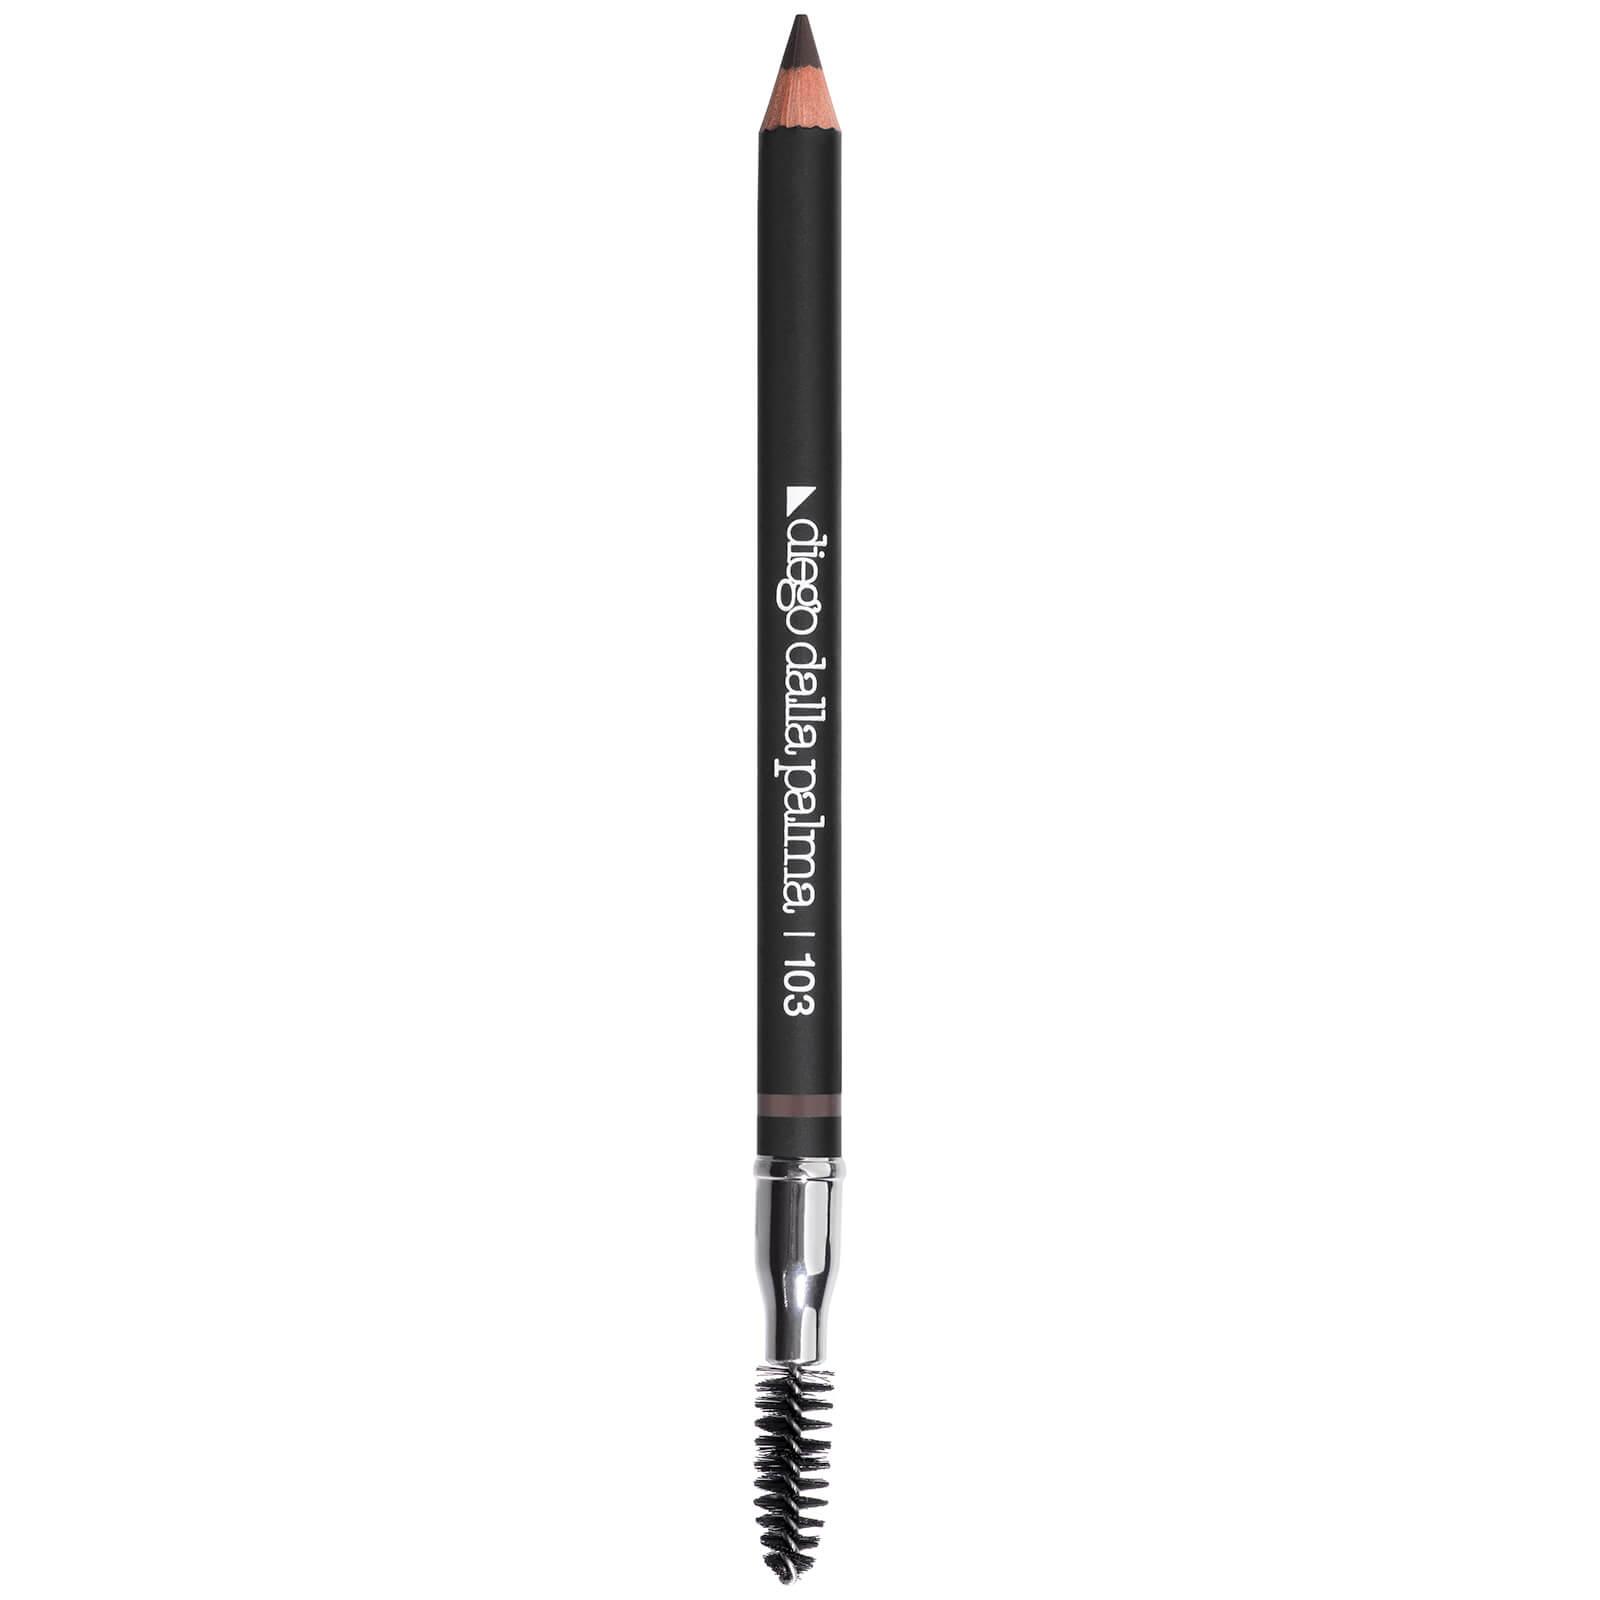 Купить Водостойкий карандаш для бровей diego dalla palma Water Resistant Long Lasting Eyebrow Pencil 2, 5 г (различные оттенки) - Medium Dark